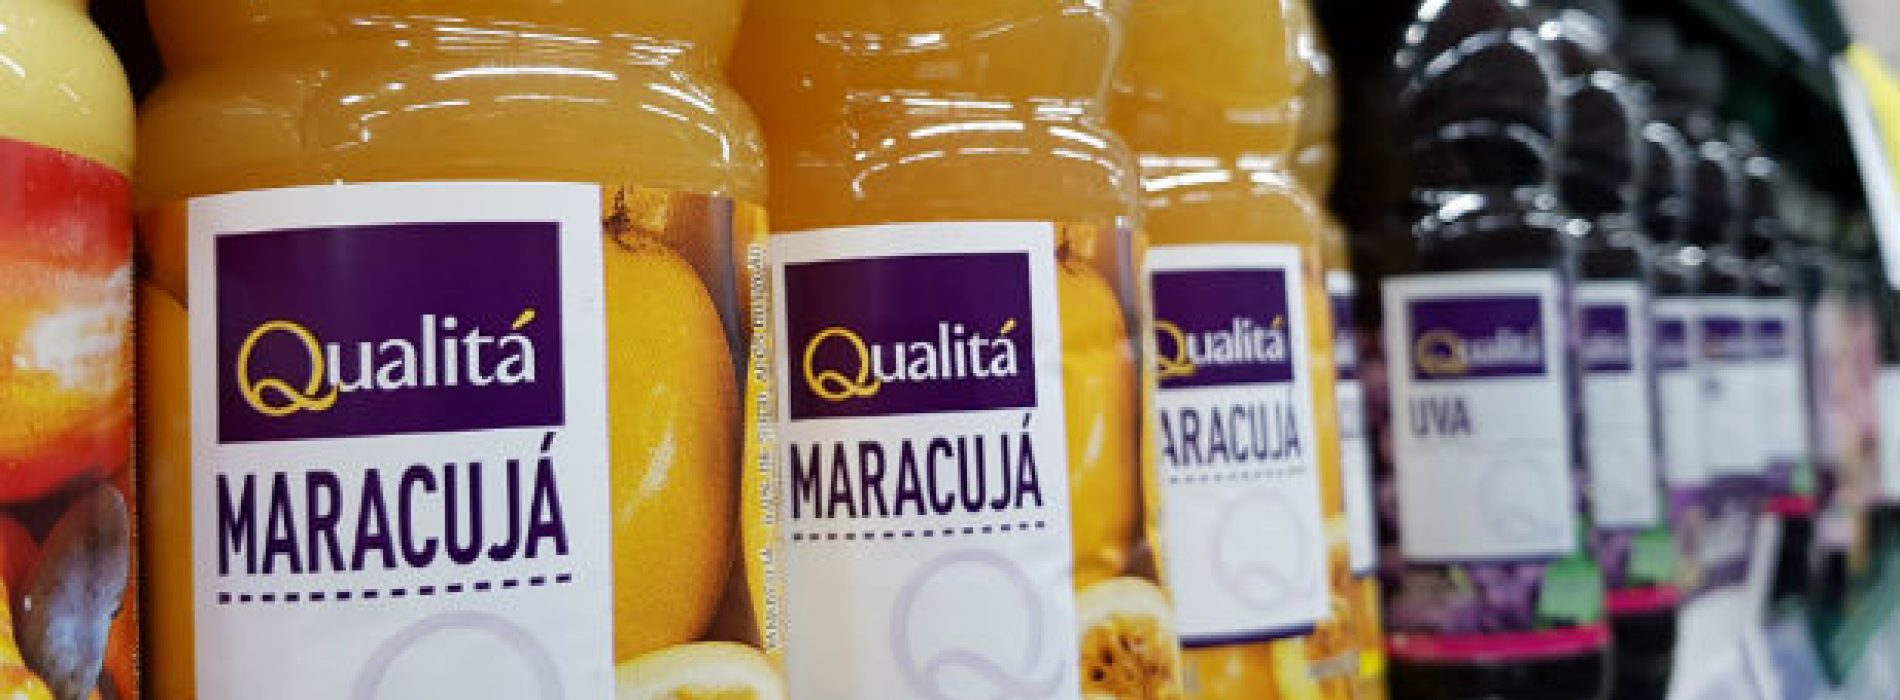 Pão de Açúcar, Carrefour e Riachuelo destacam o papel das marcas próprias